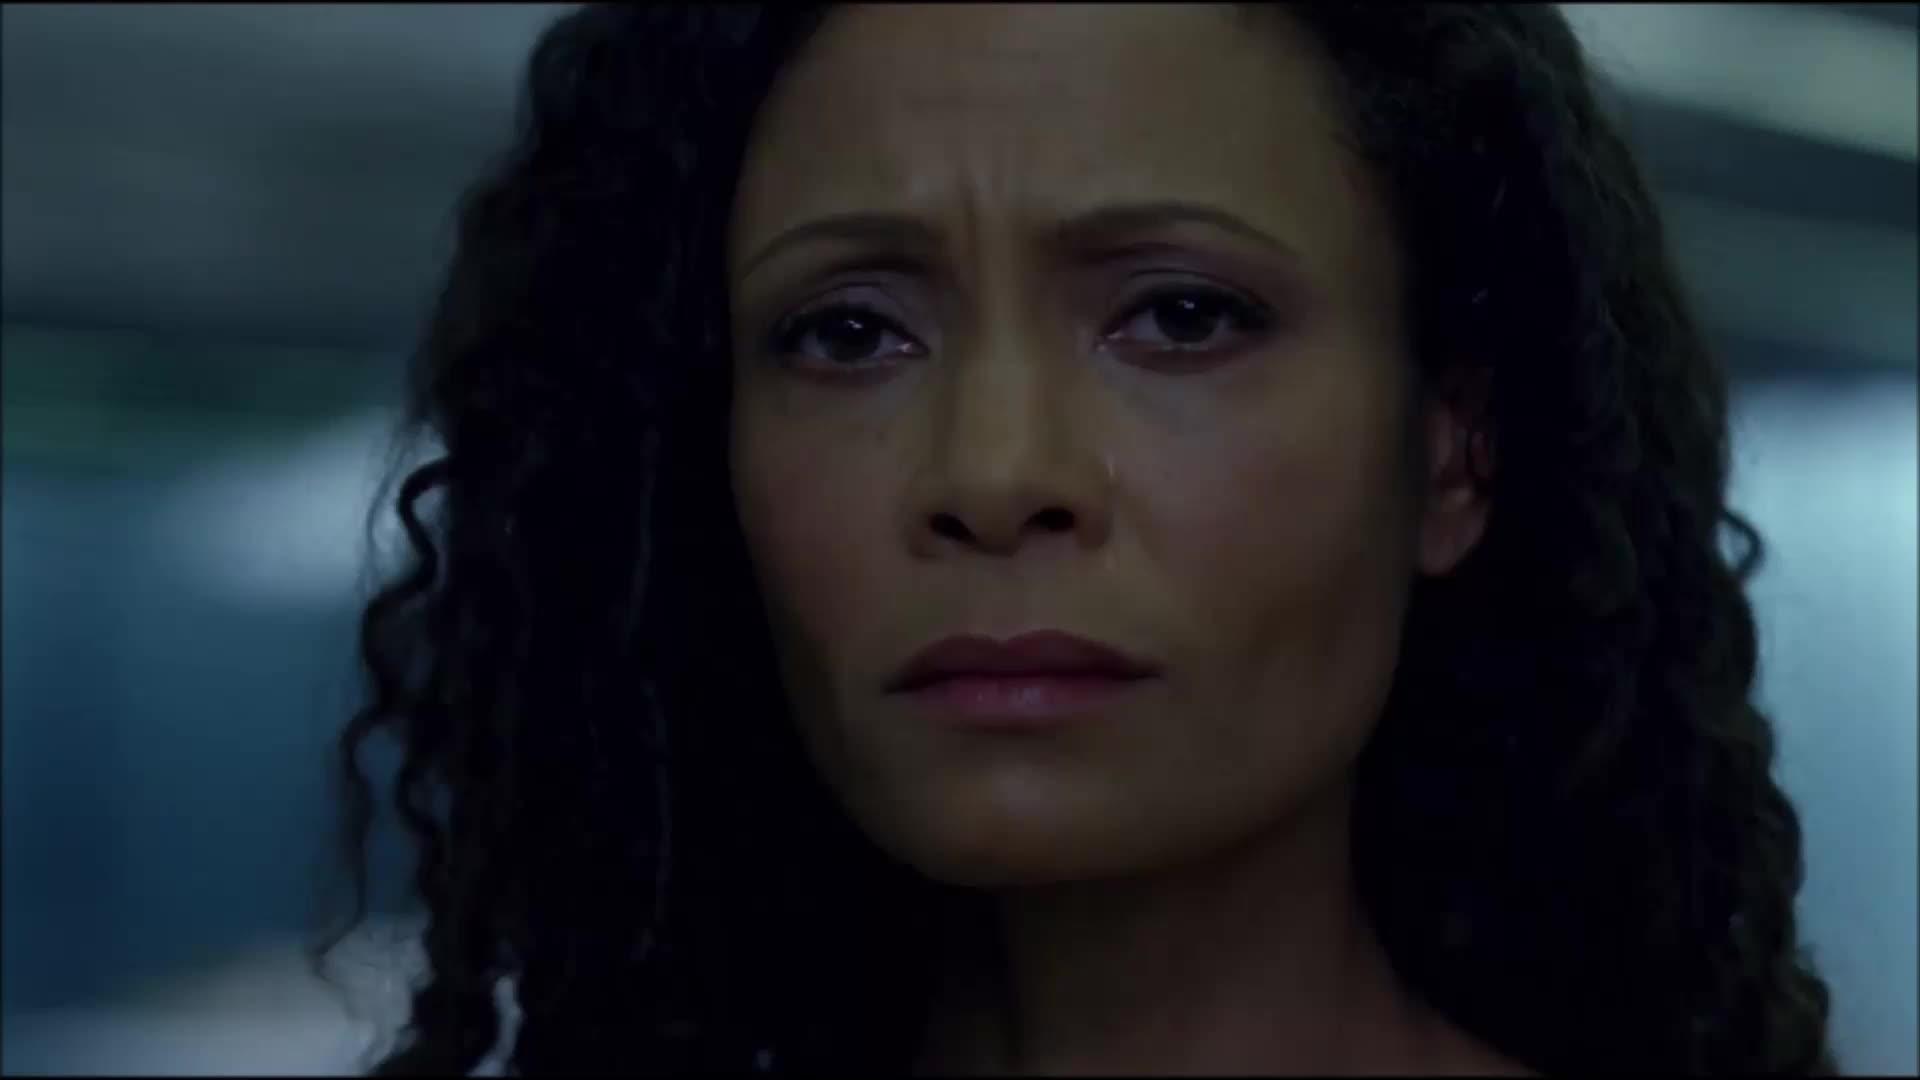 Thandie Newton, westworld, westworldseason1ep7, wws1ep7, Westworld season 1 ep7 GIFs